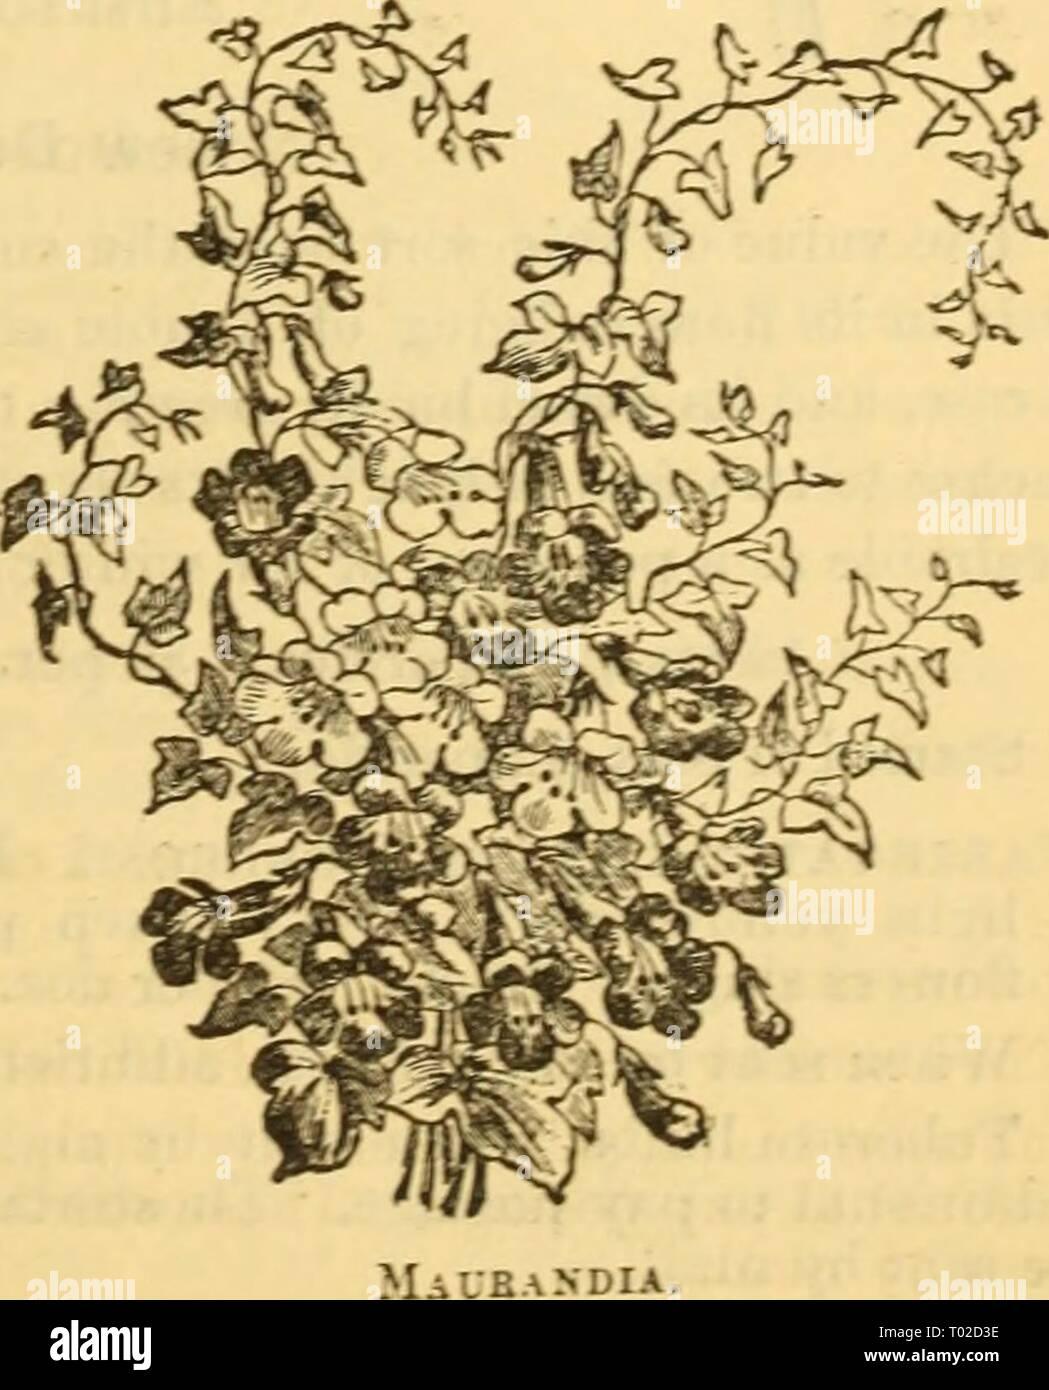 Dreers Garten Kalender 1879 Dreersgardencale 1879 Henr Jahr 1879